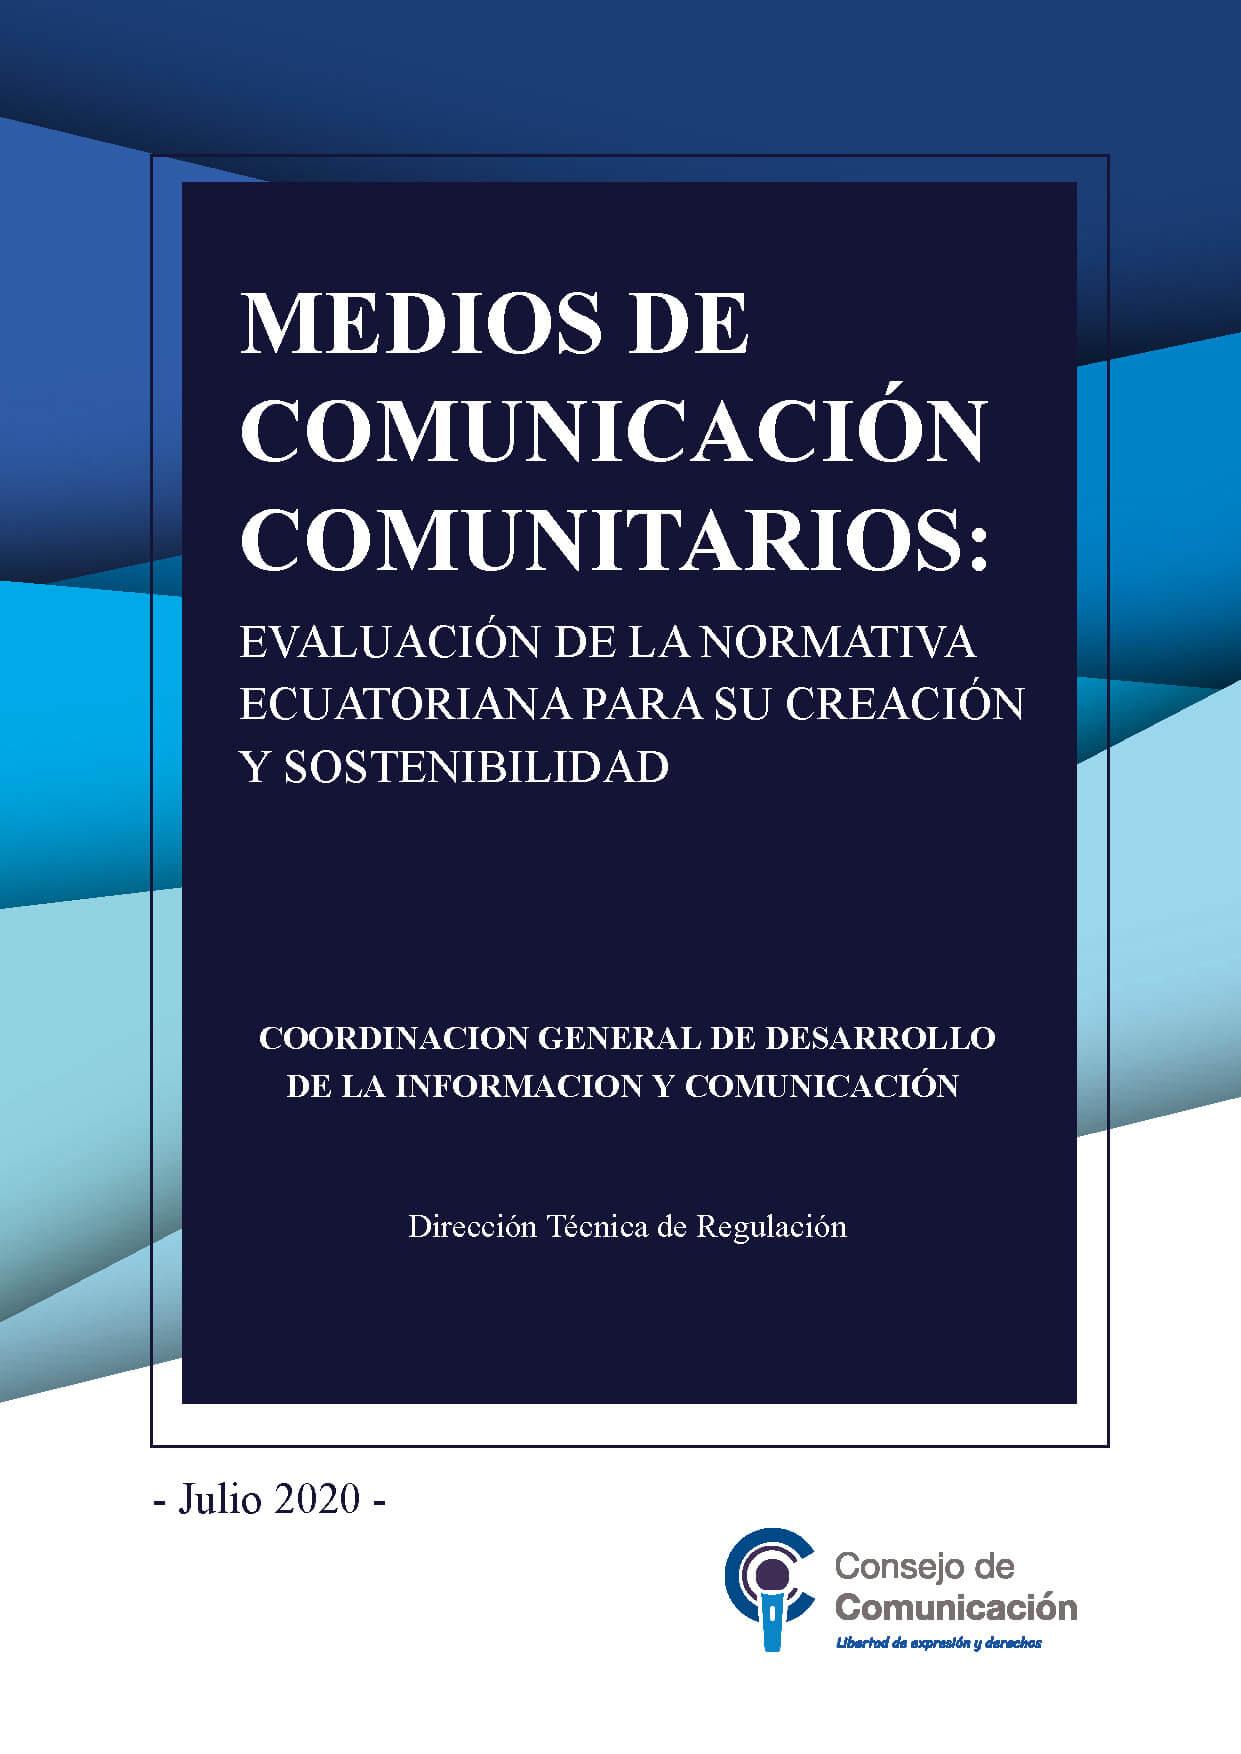 Medios-de-comunicación-comunitarios-Evaluación-de-la-normativa-Ecuatoriana-para-su-creación-y-sostenibilidad